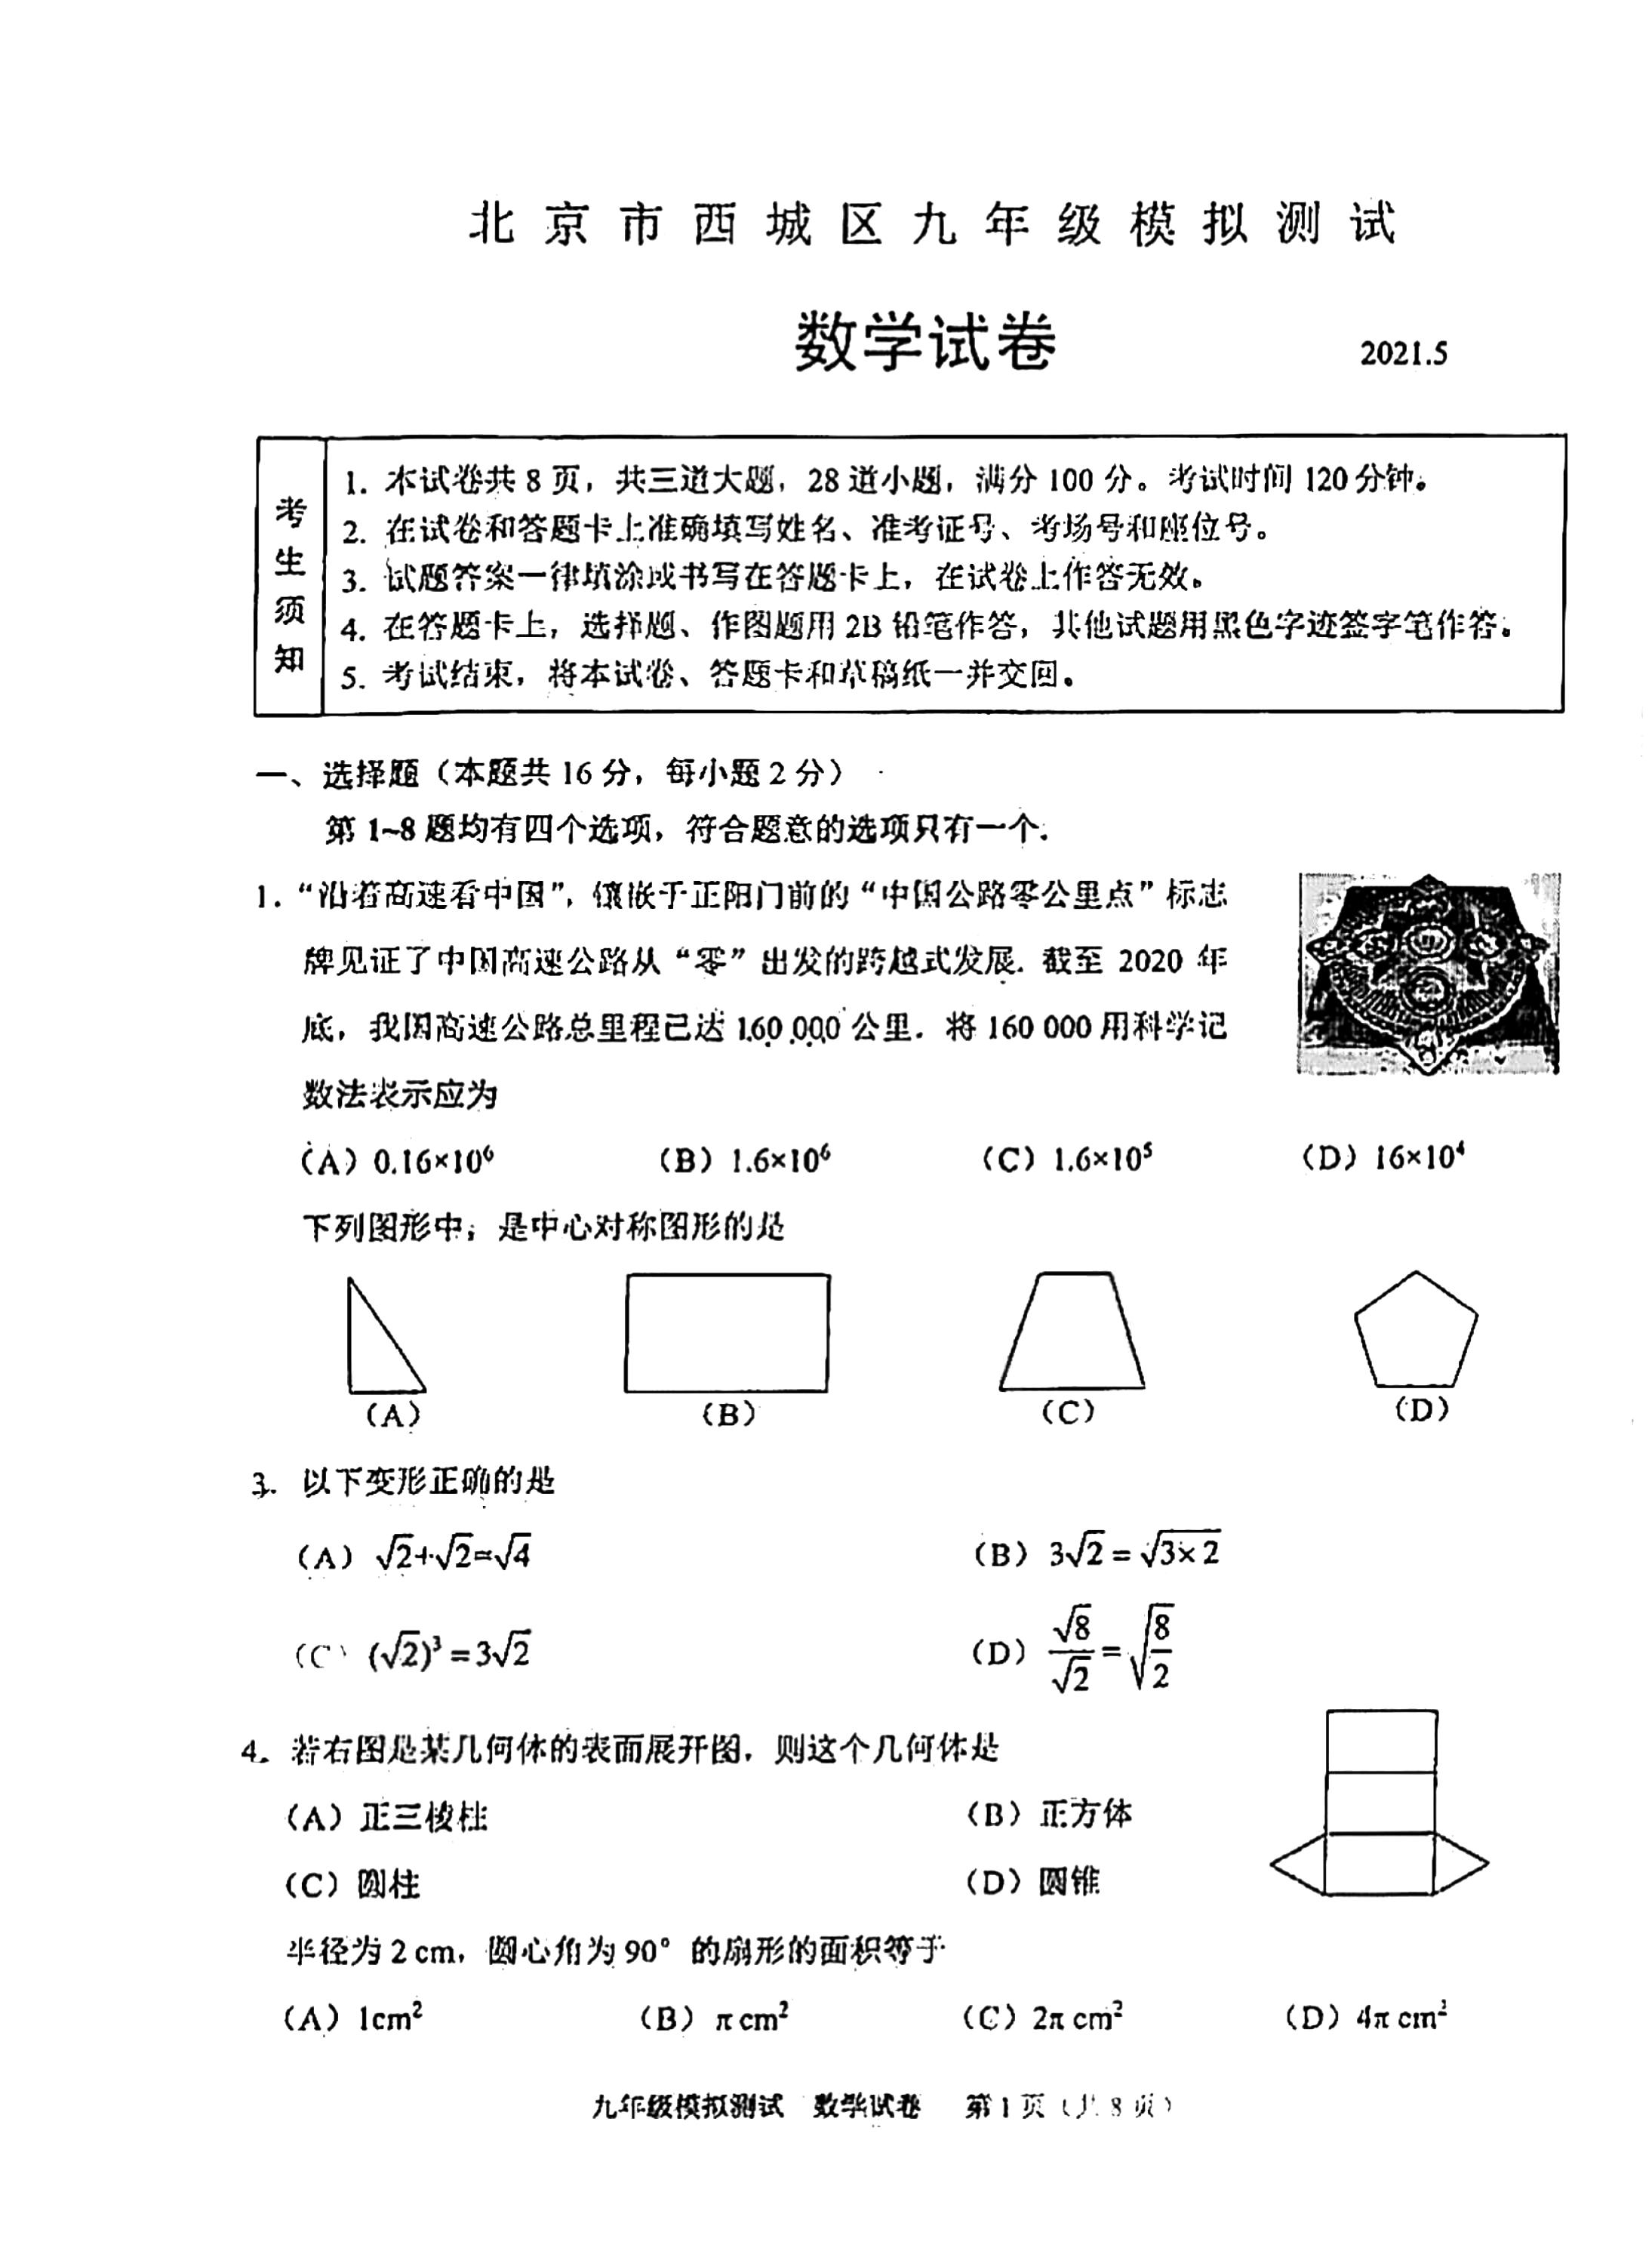 北京市西城区2021年初三二模试题及答案汇总